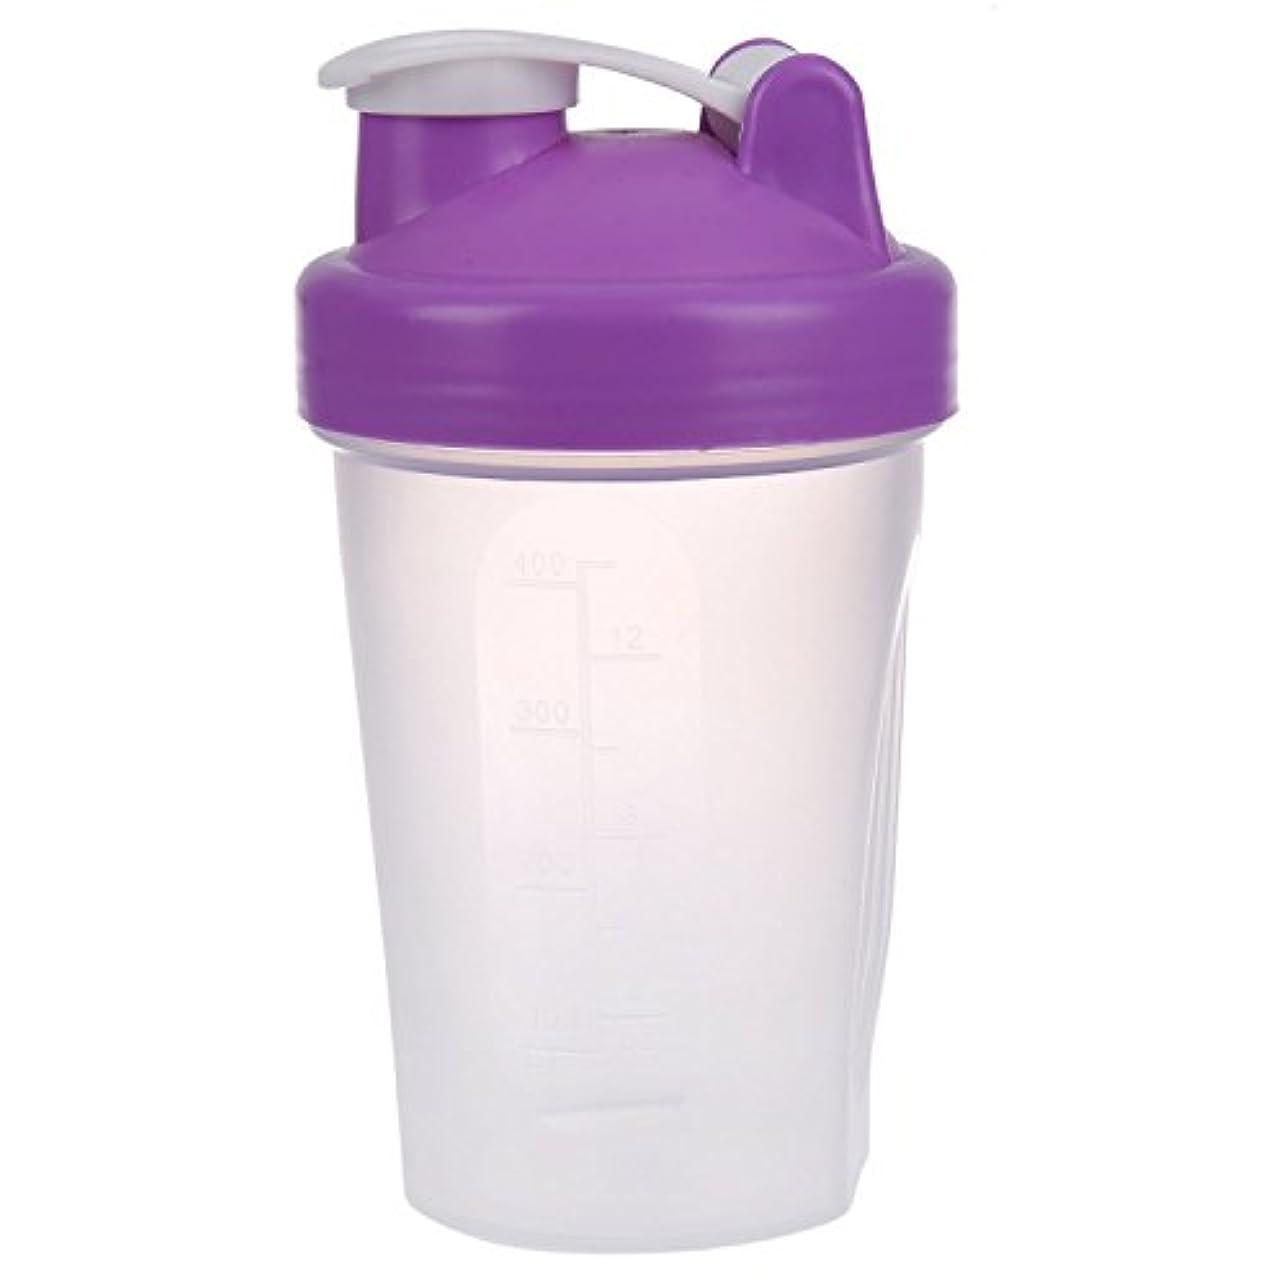 ロータリー迅速悪党TOOGOO スマートシェイク ジムプロテインシェーカー ミキサーカップミキサーボトル 紫